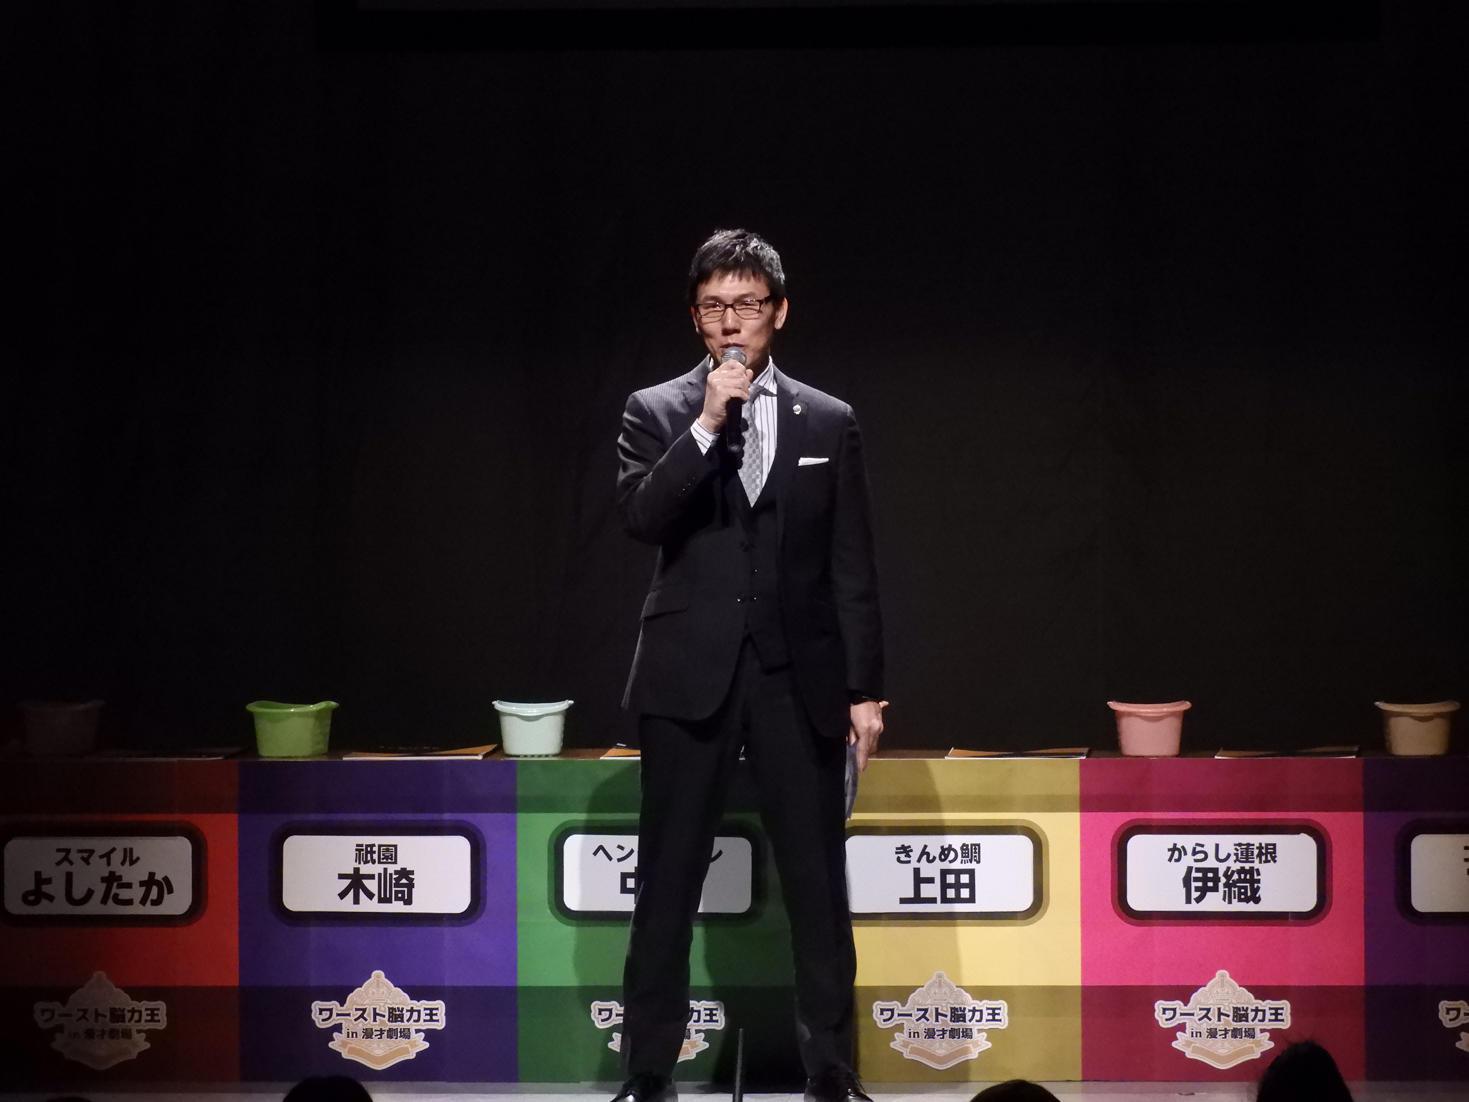 http://news.yoshimoto.co.jp/20180406111613-b3660757c0340538dde7c87b445a53221818c078.jpg